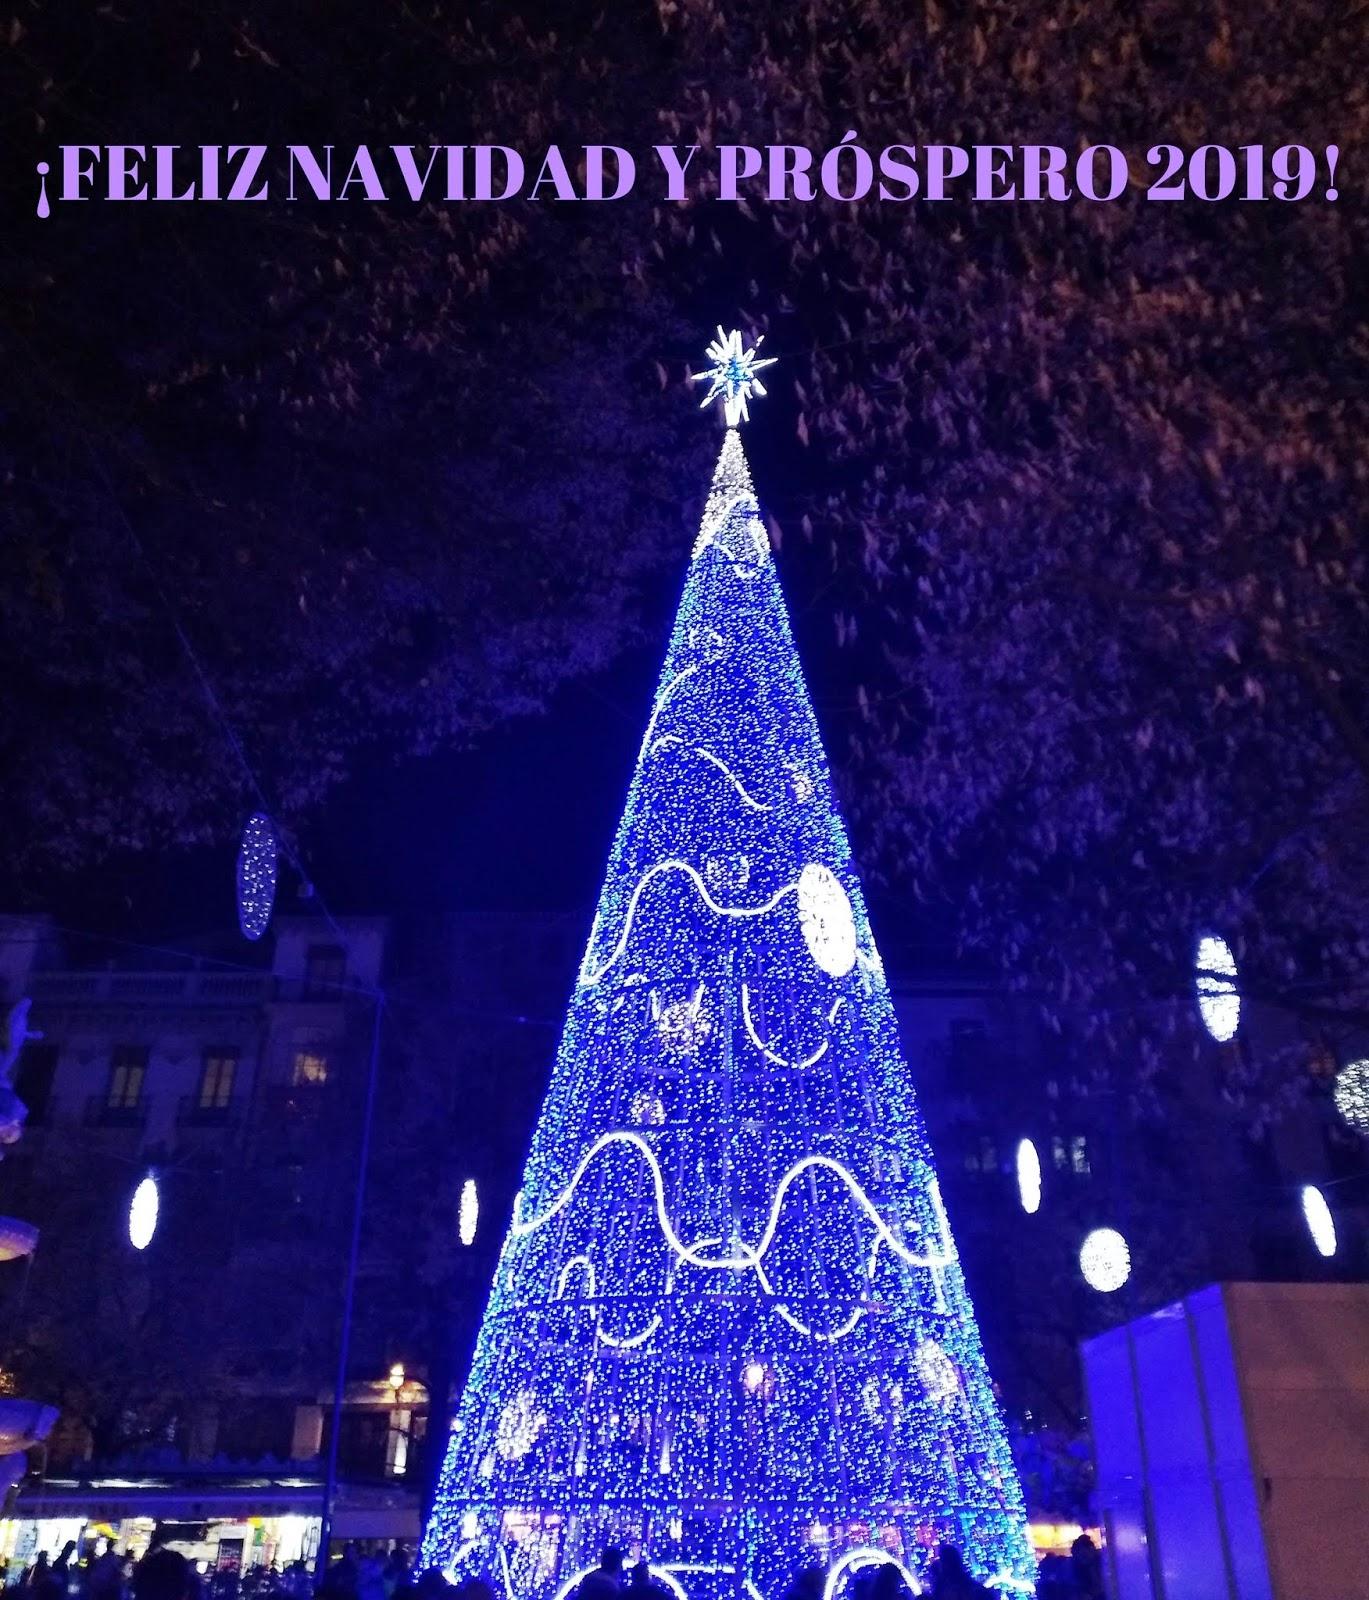 Feliz Navidad Siempre Asi.La Orilla De Las Letras Feliz Navidad Y Prospero 2019